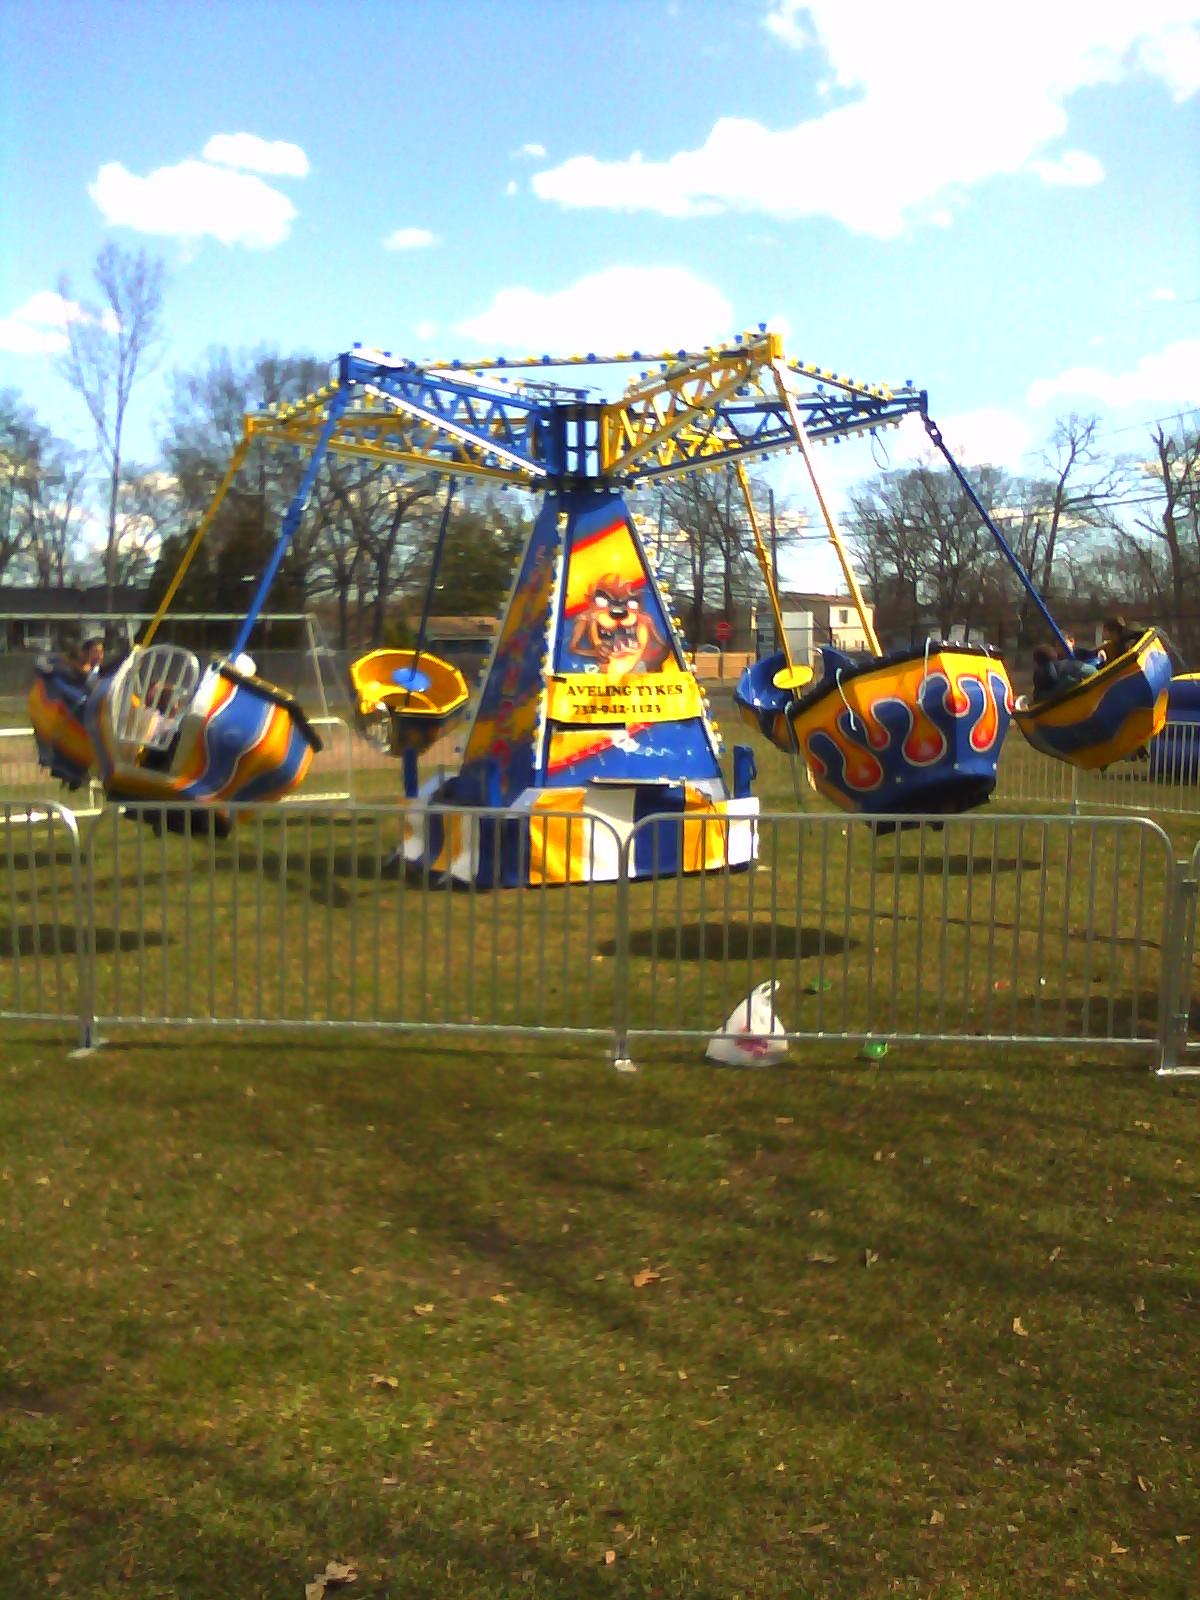 Spinner Carnival Ride Spinning